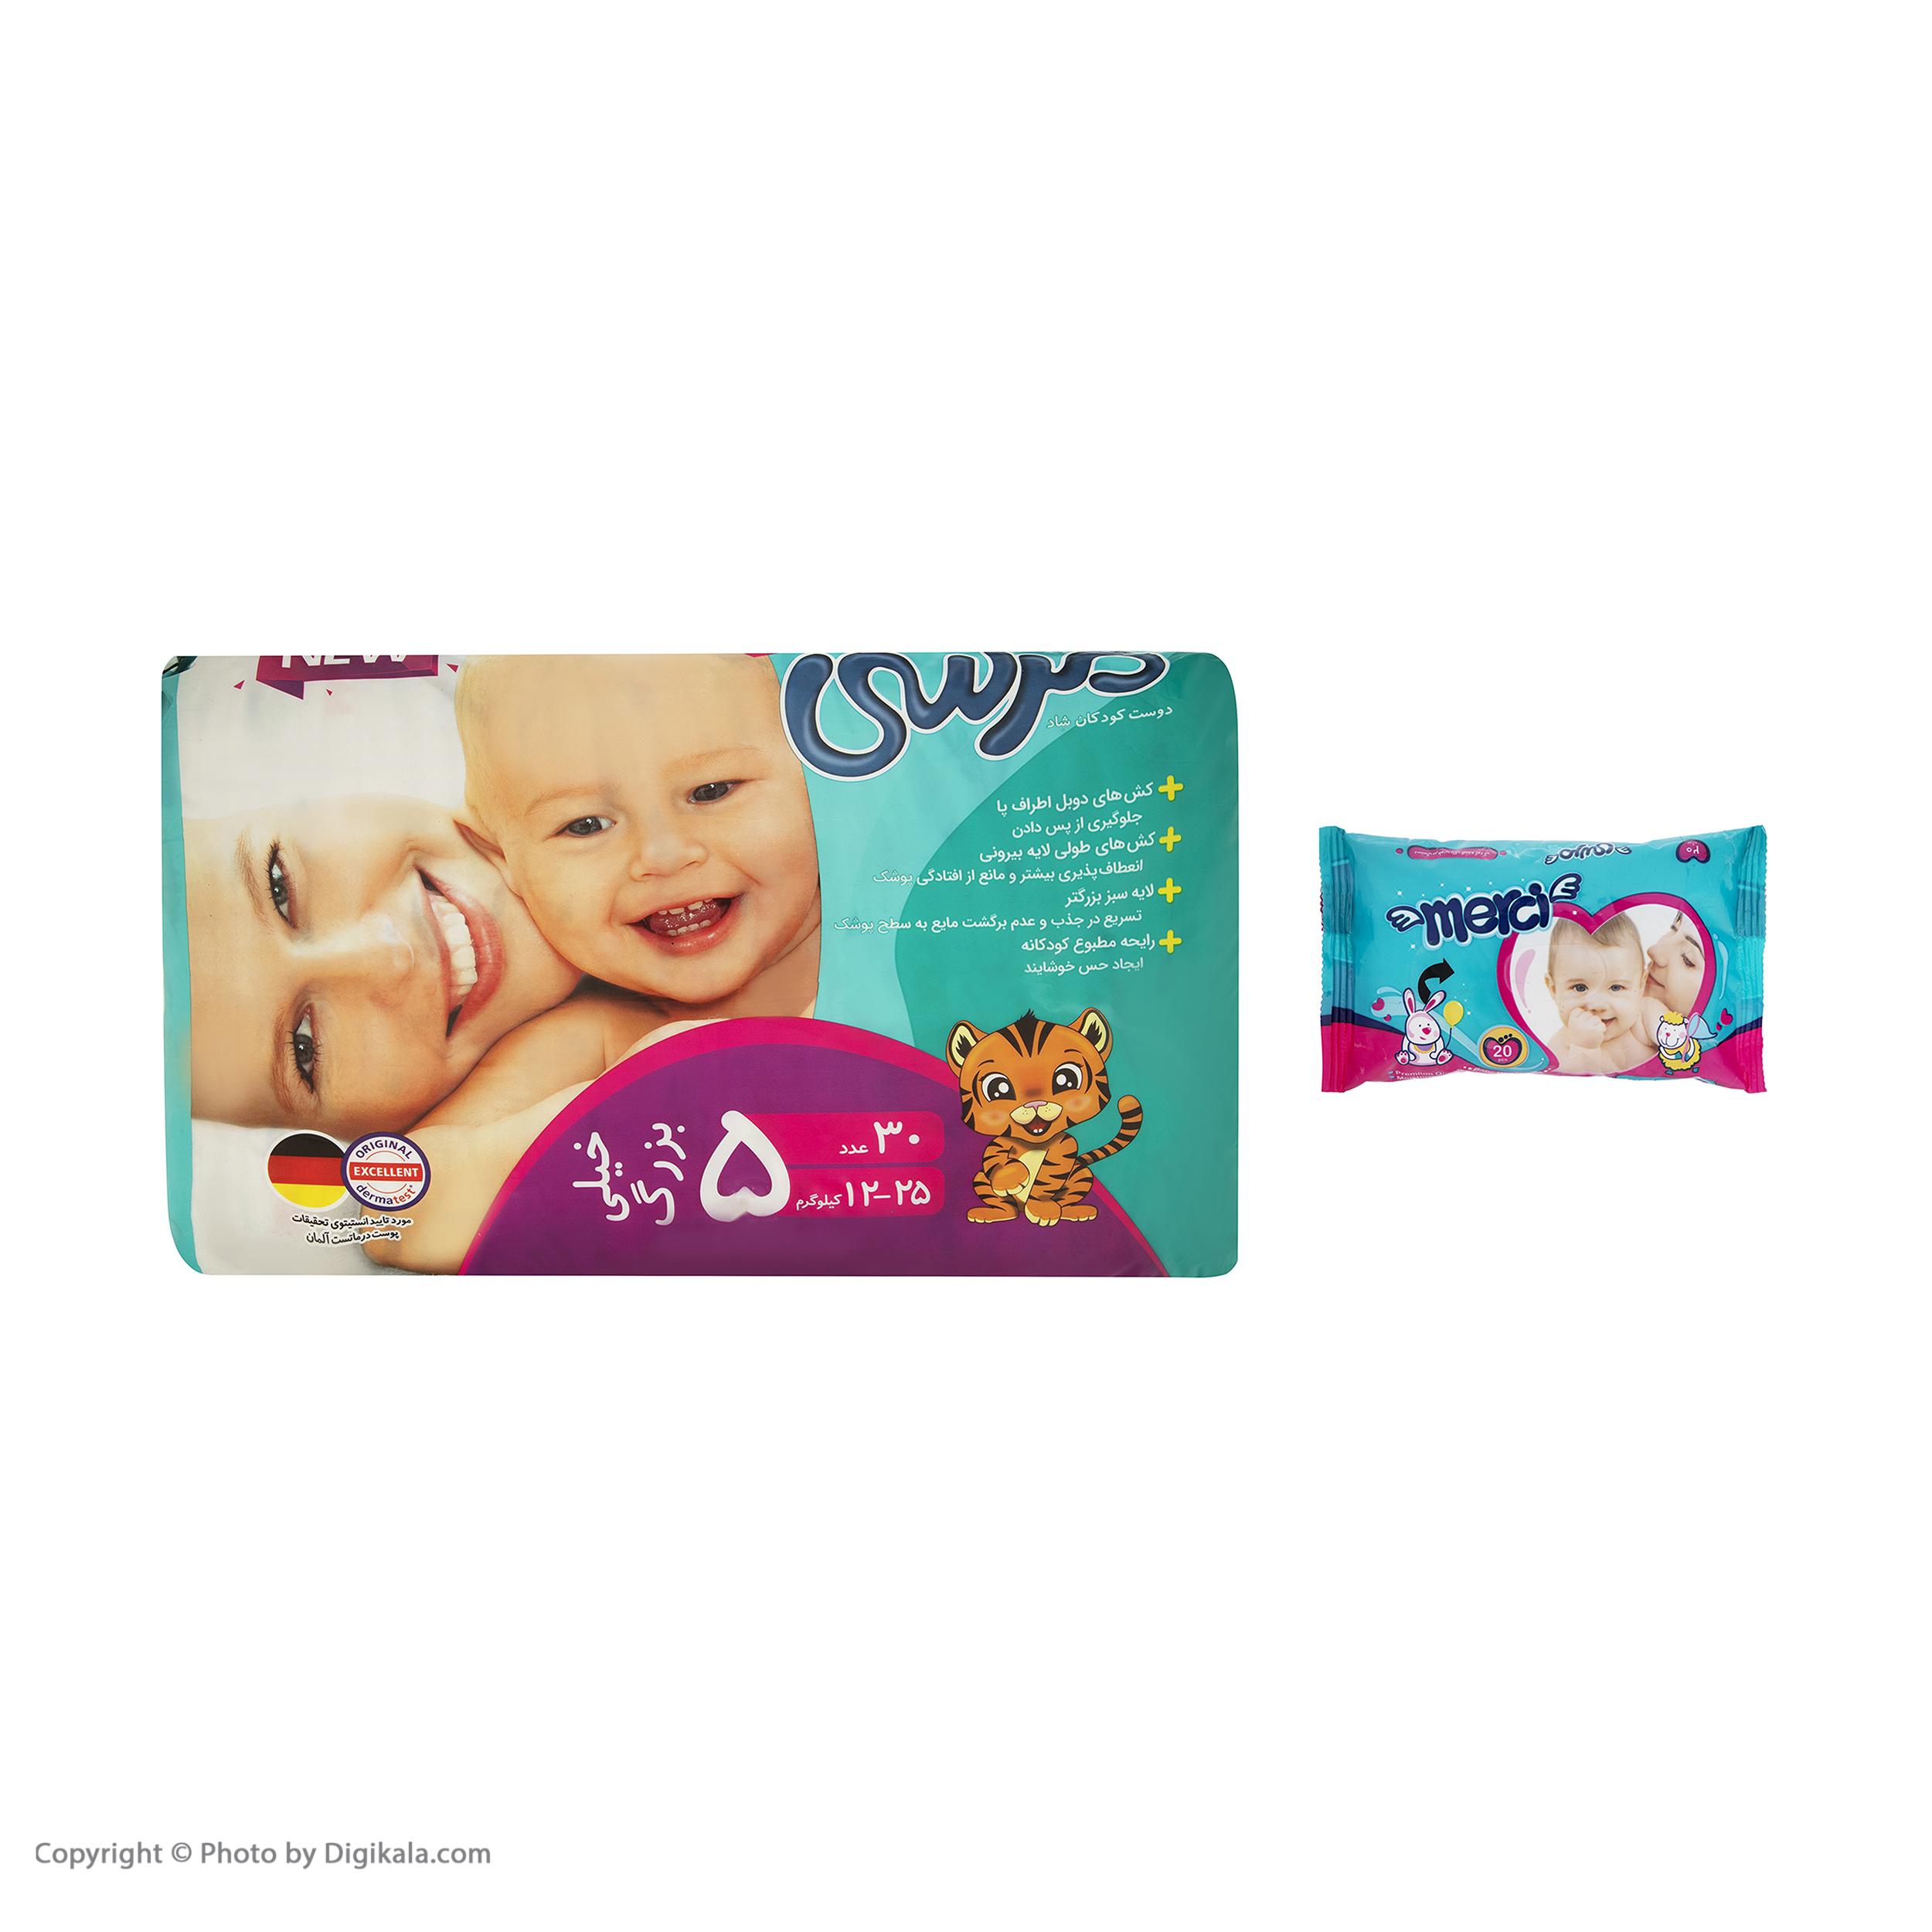 پوشک بچه مرسی کد 001  سایز 5 بسته 30 عددی به همراه دستمال مرطوب